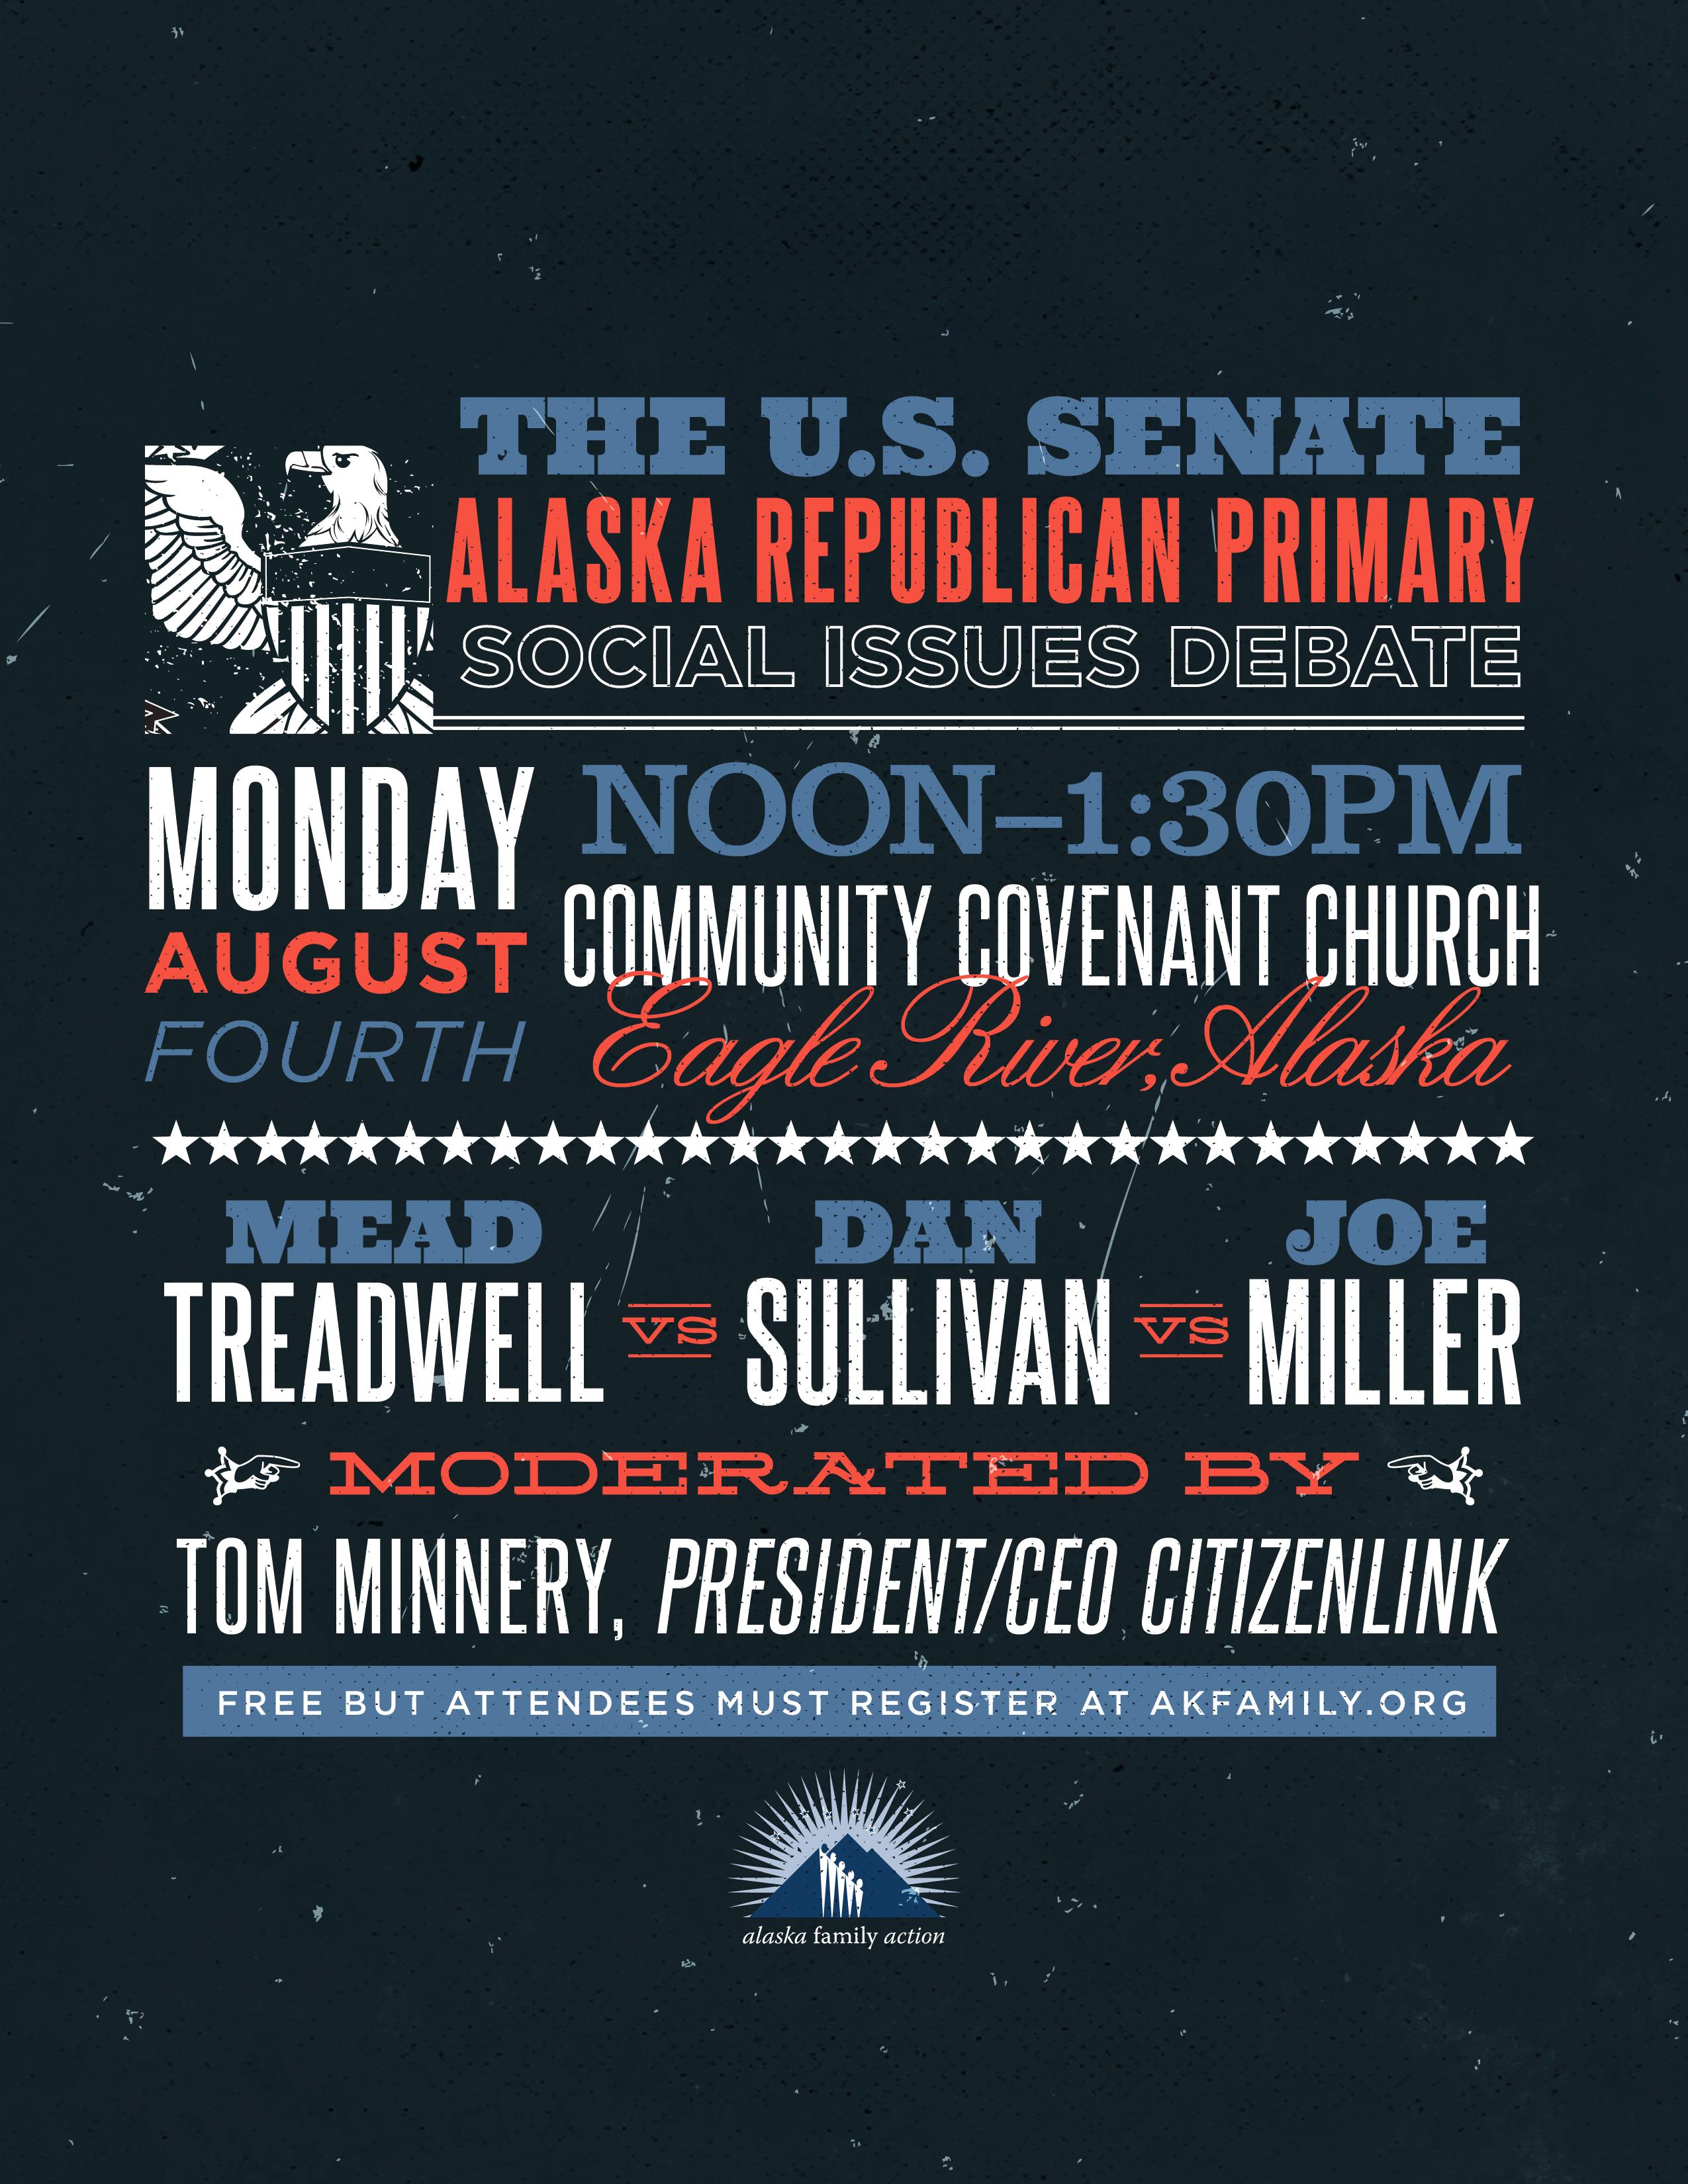 Alaska_Republican_Debate_Image.jpg